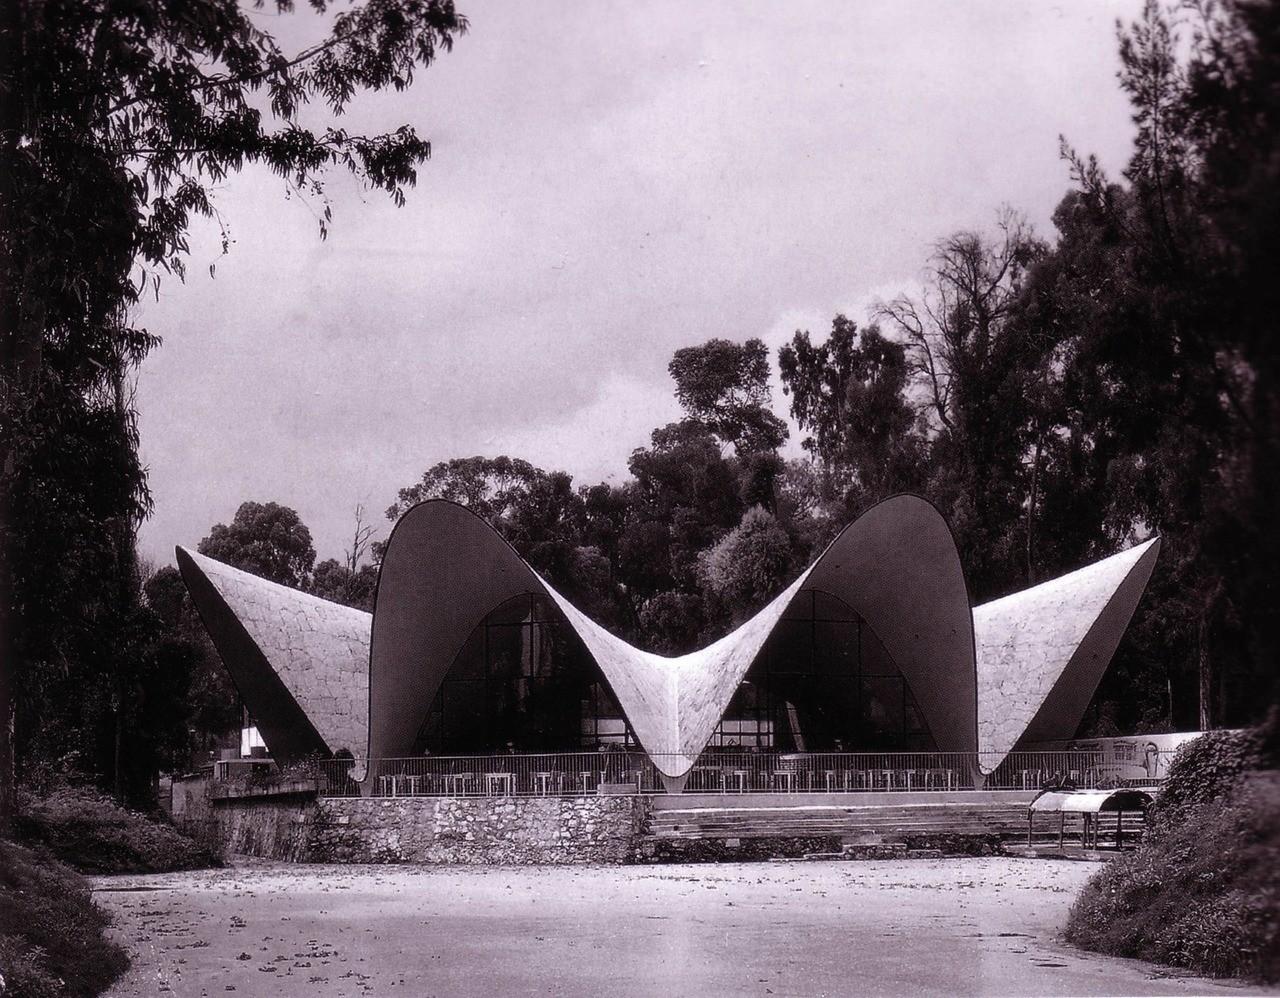 Ресторан состоит из восьми застекленных арок из бетона толщиной 4см. Здание симметрично и имеет 32м в диаметре между основанием опор и 42м — между козырьками арок